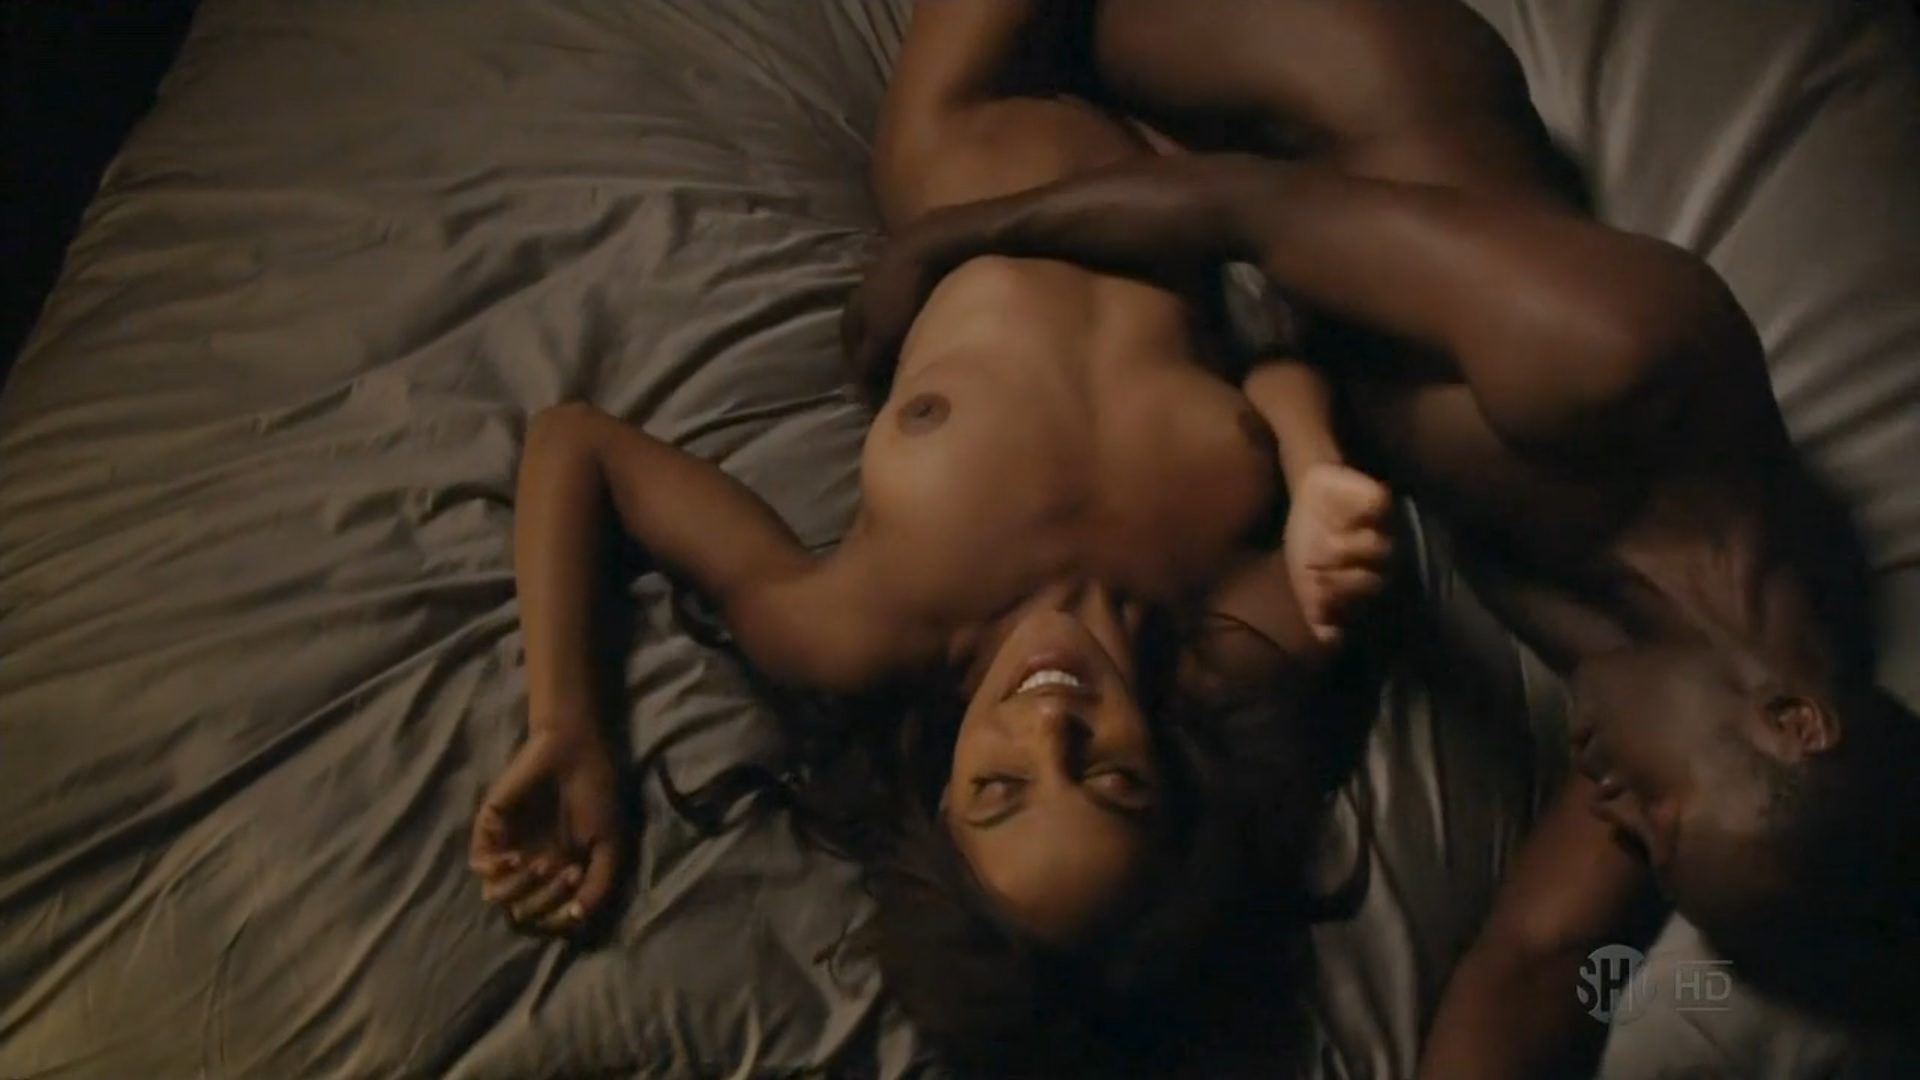 tiny nude movies